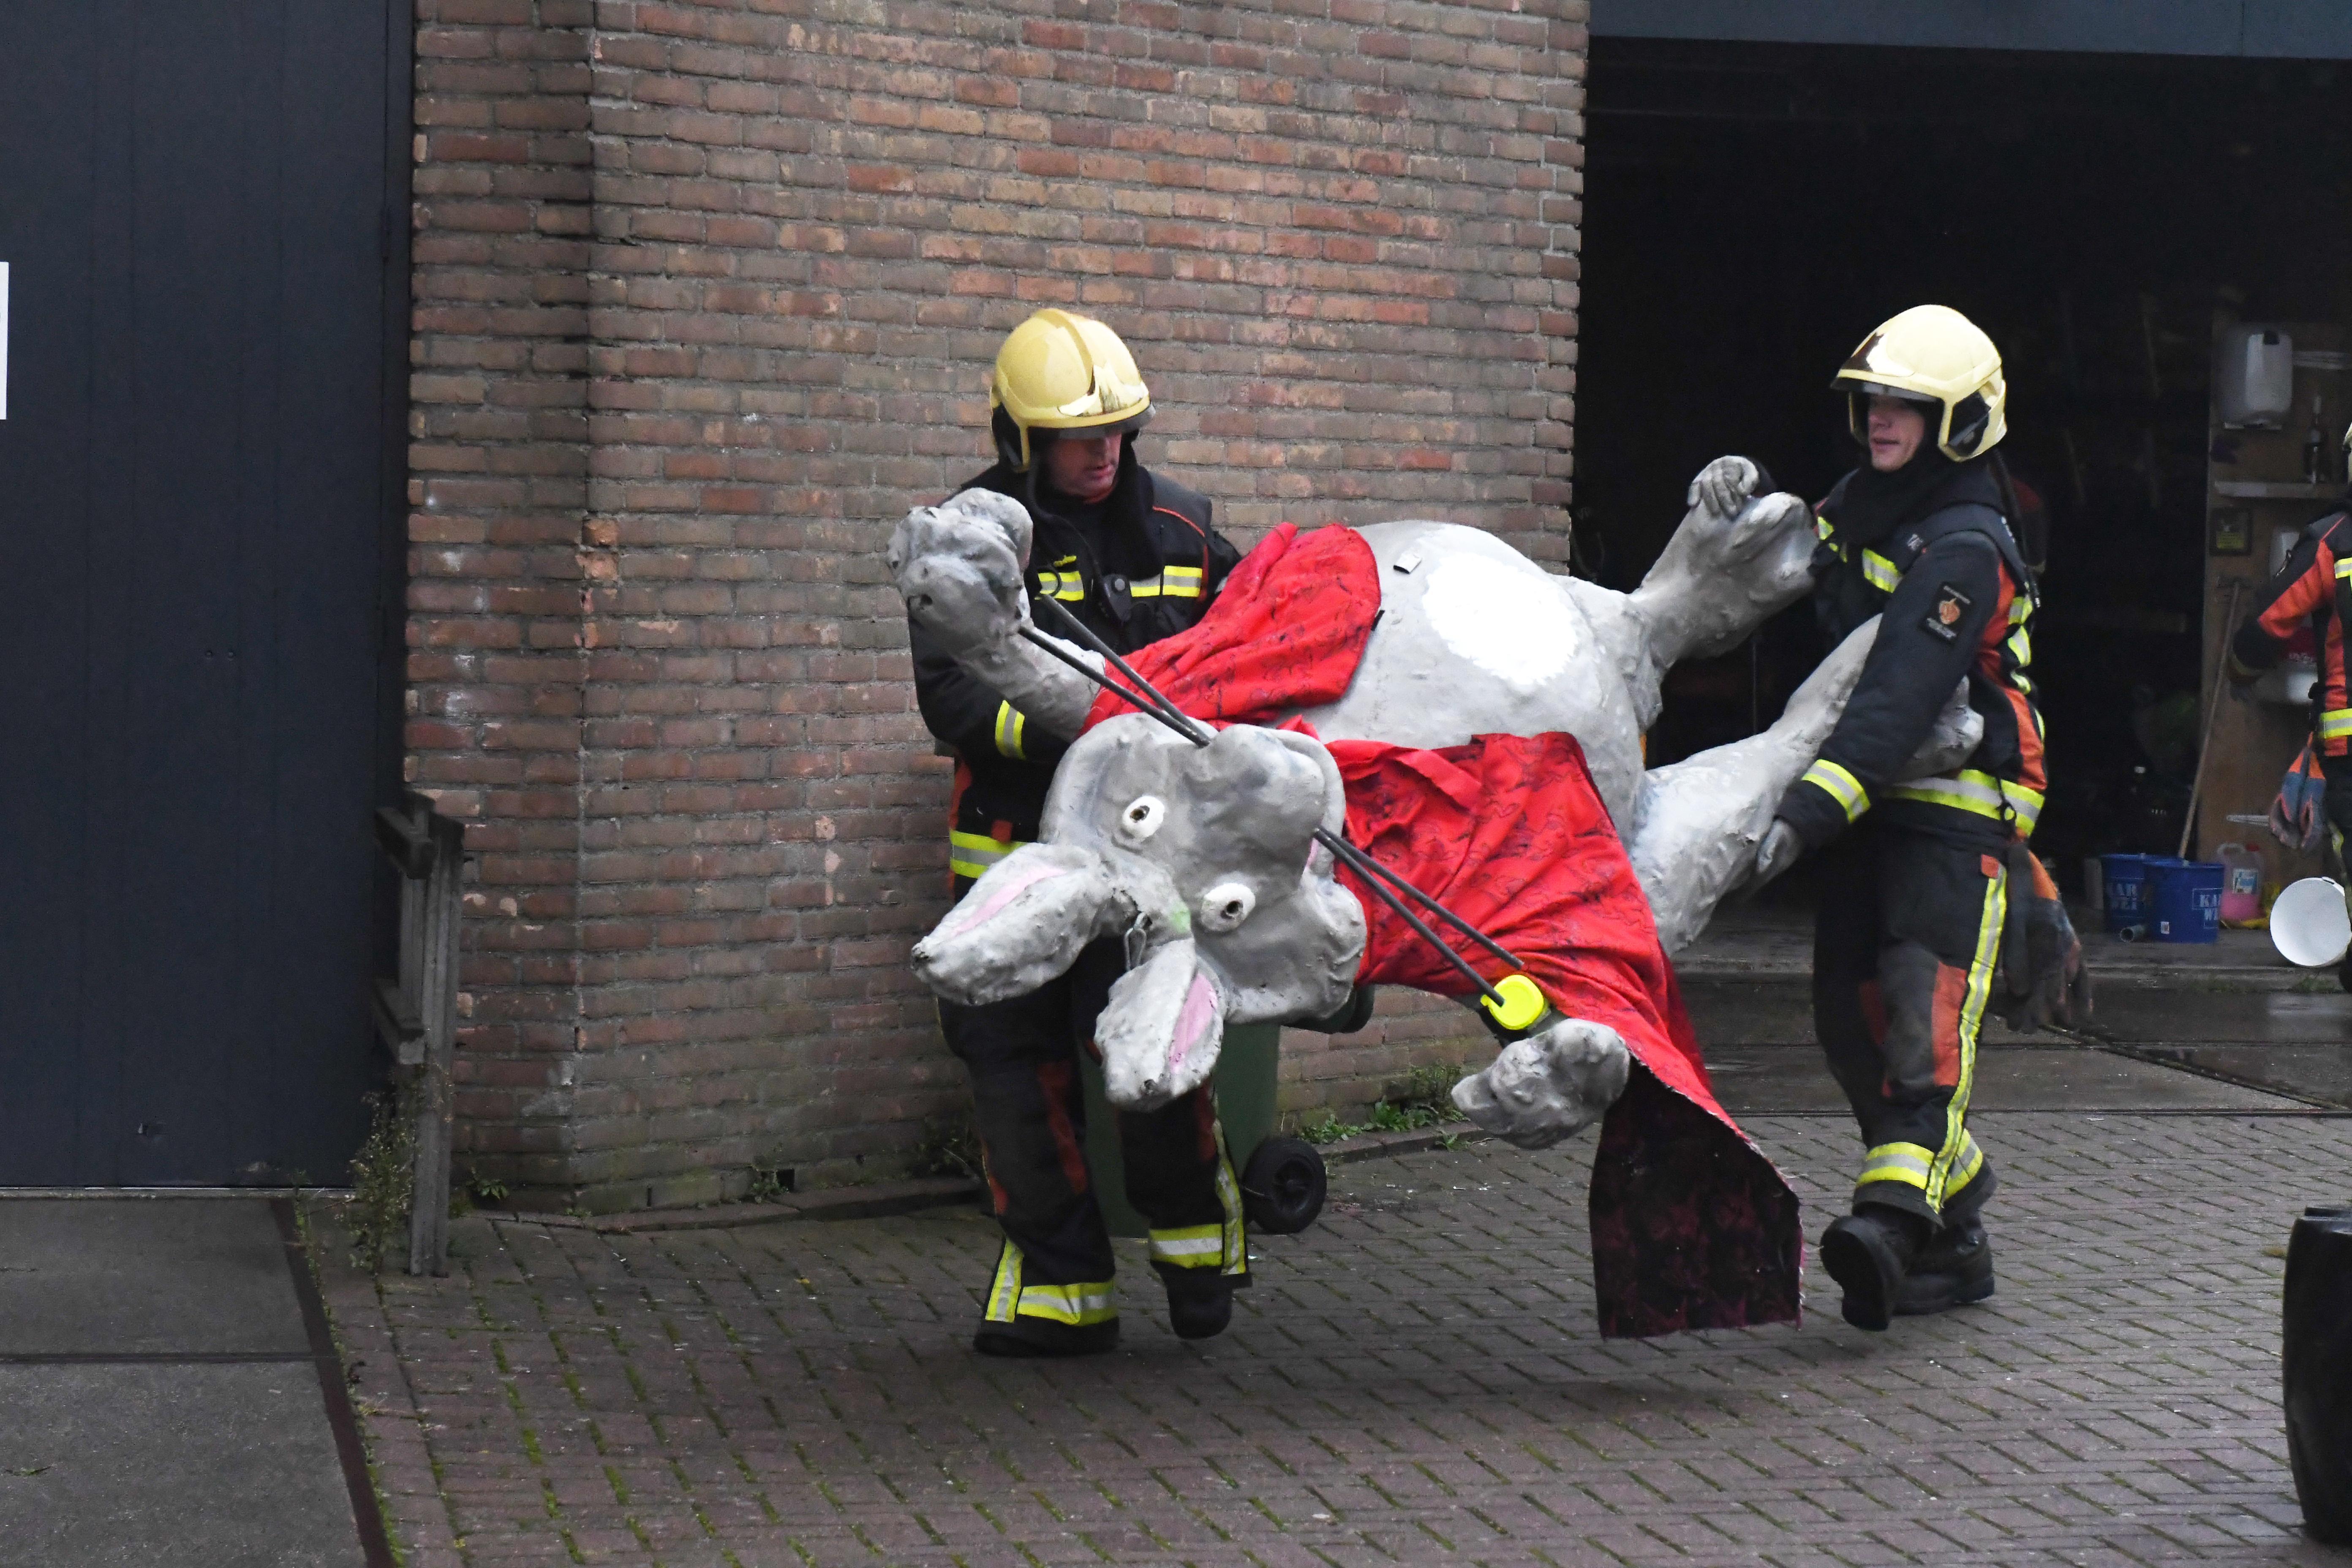 Verwoesting thuishaven De Schelft zorgt voor verslagenheid bij carnavalsvereniging De Kaninefaaten: 'We konden niet meer bij onze spullen komen'